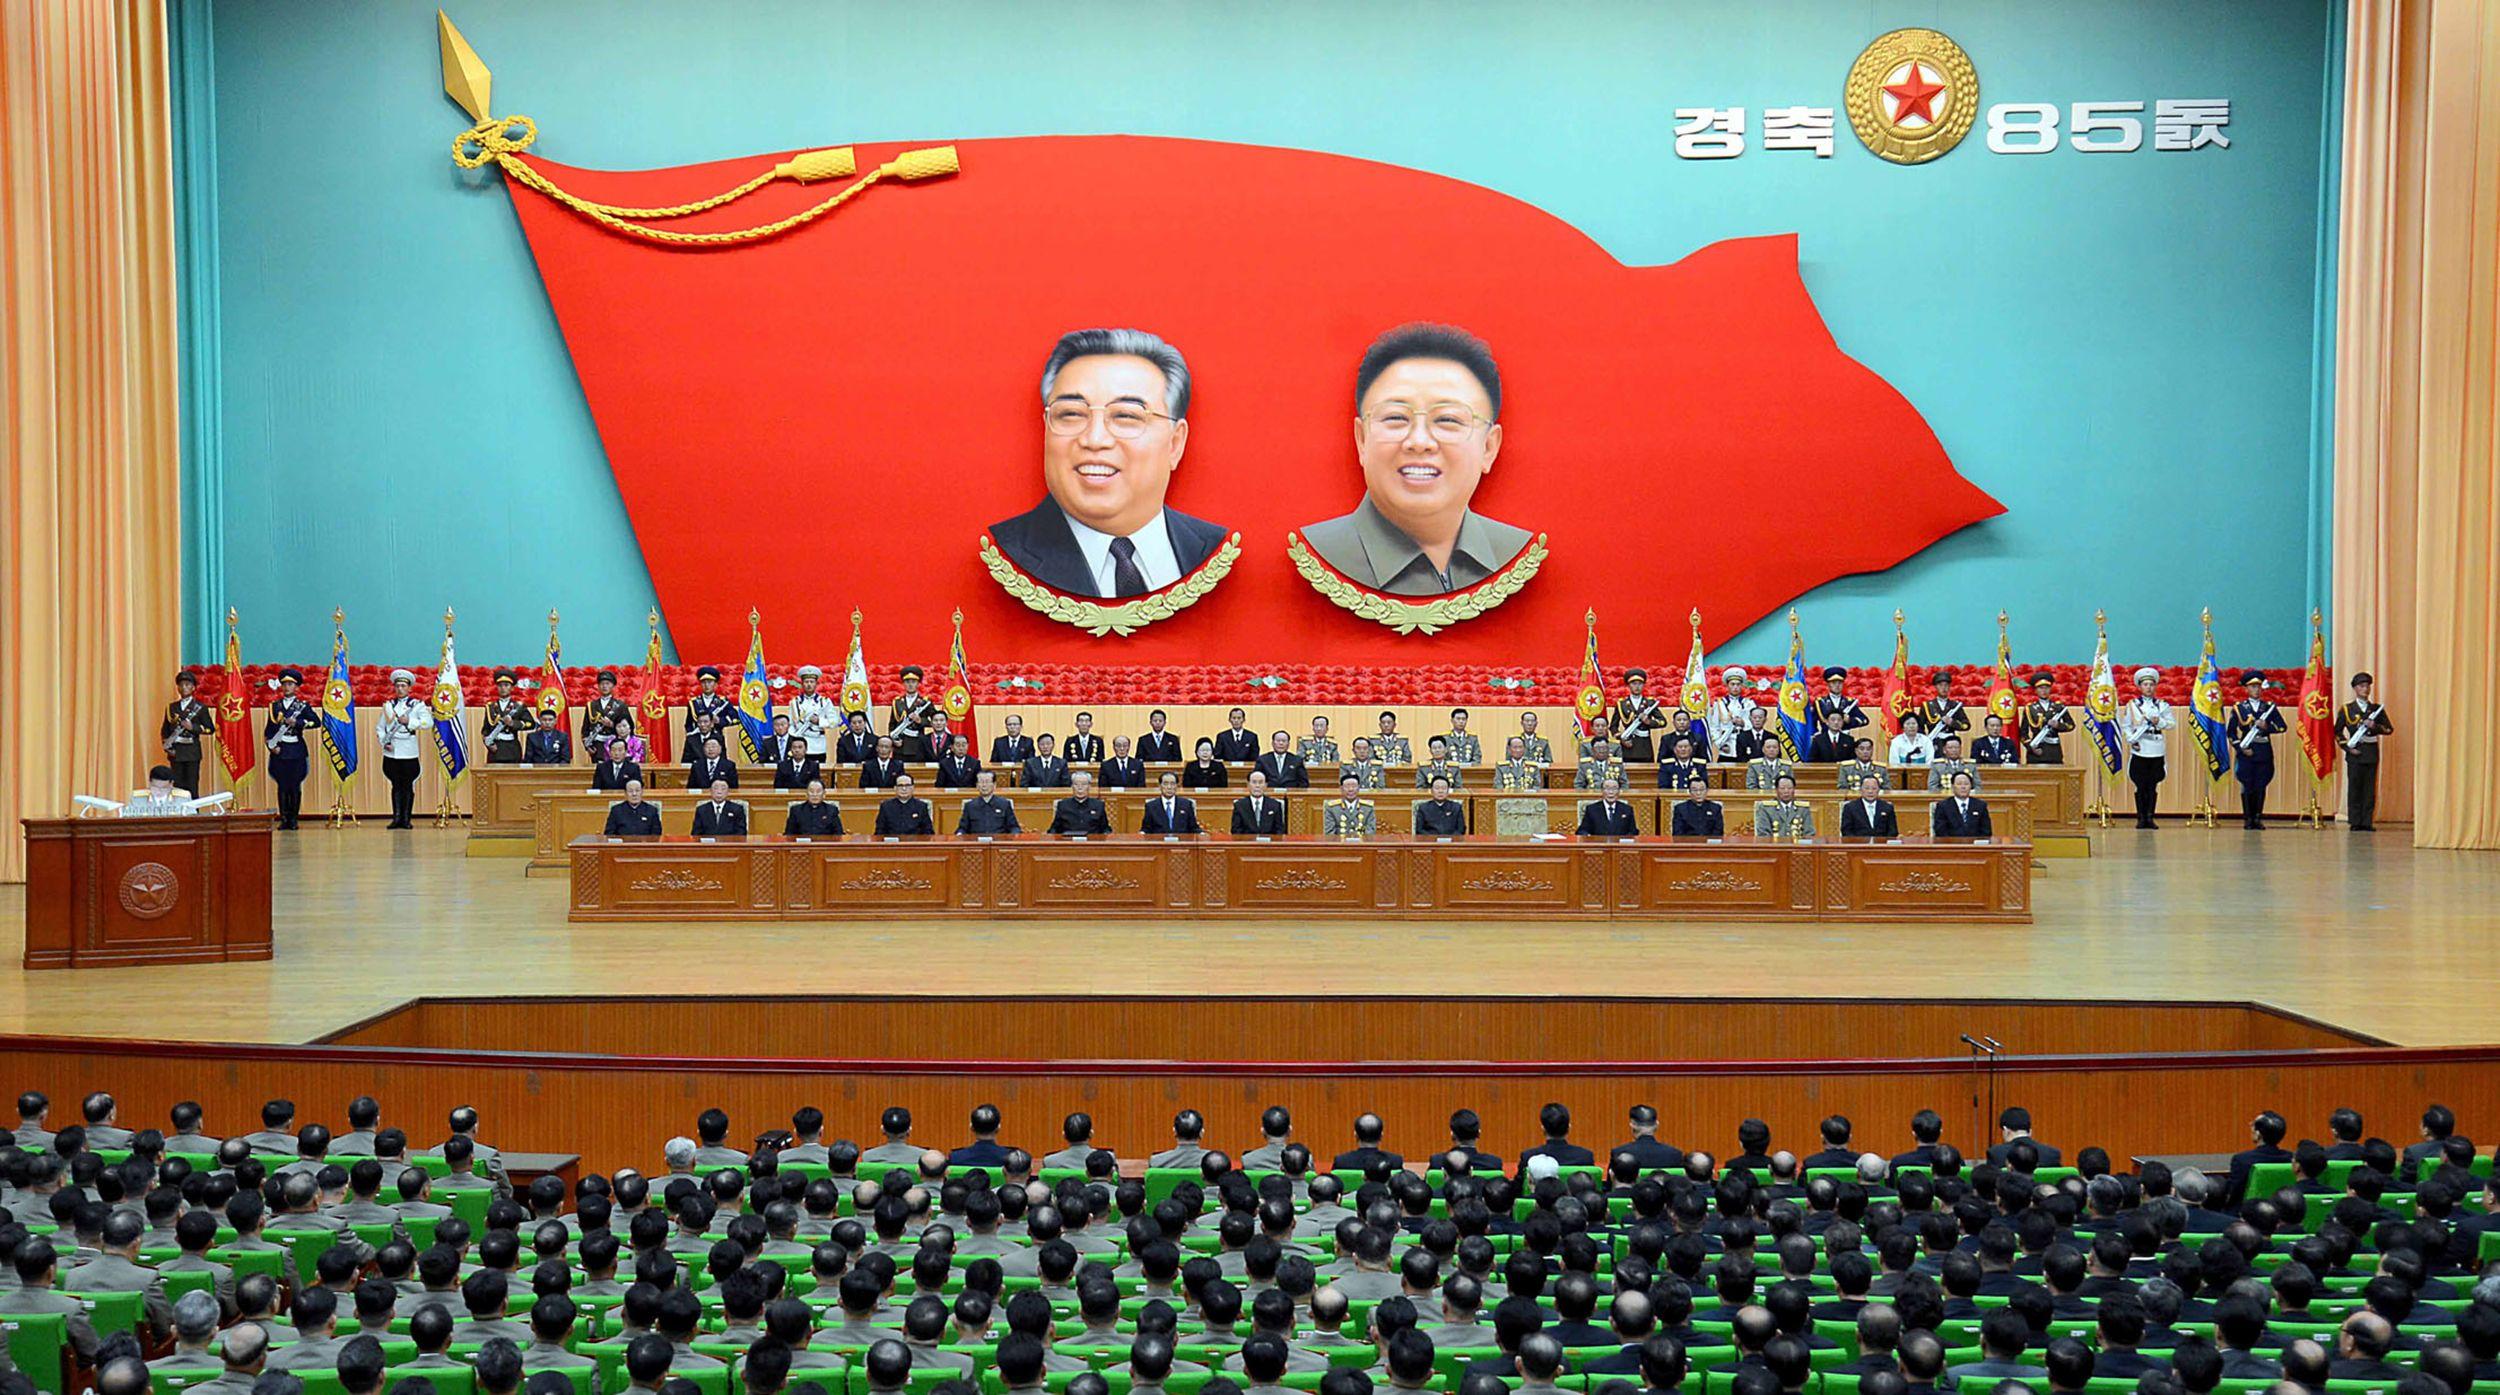 North Korea Firing Drill